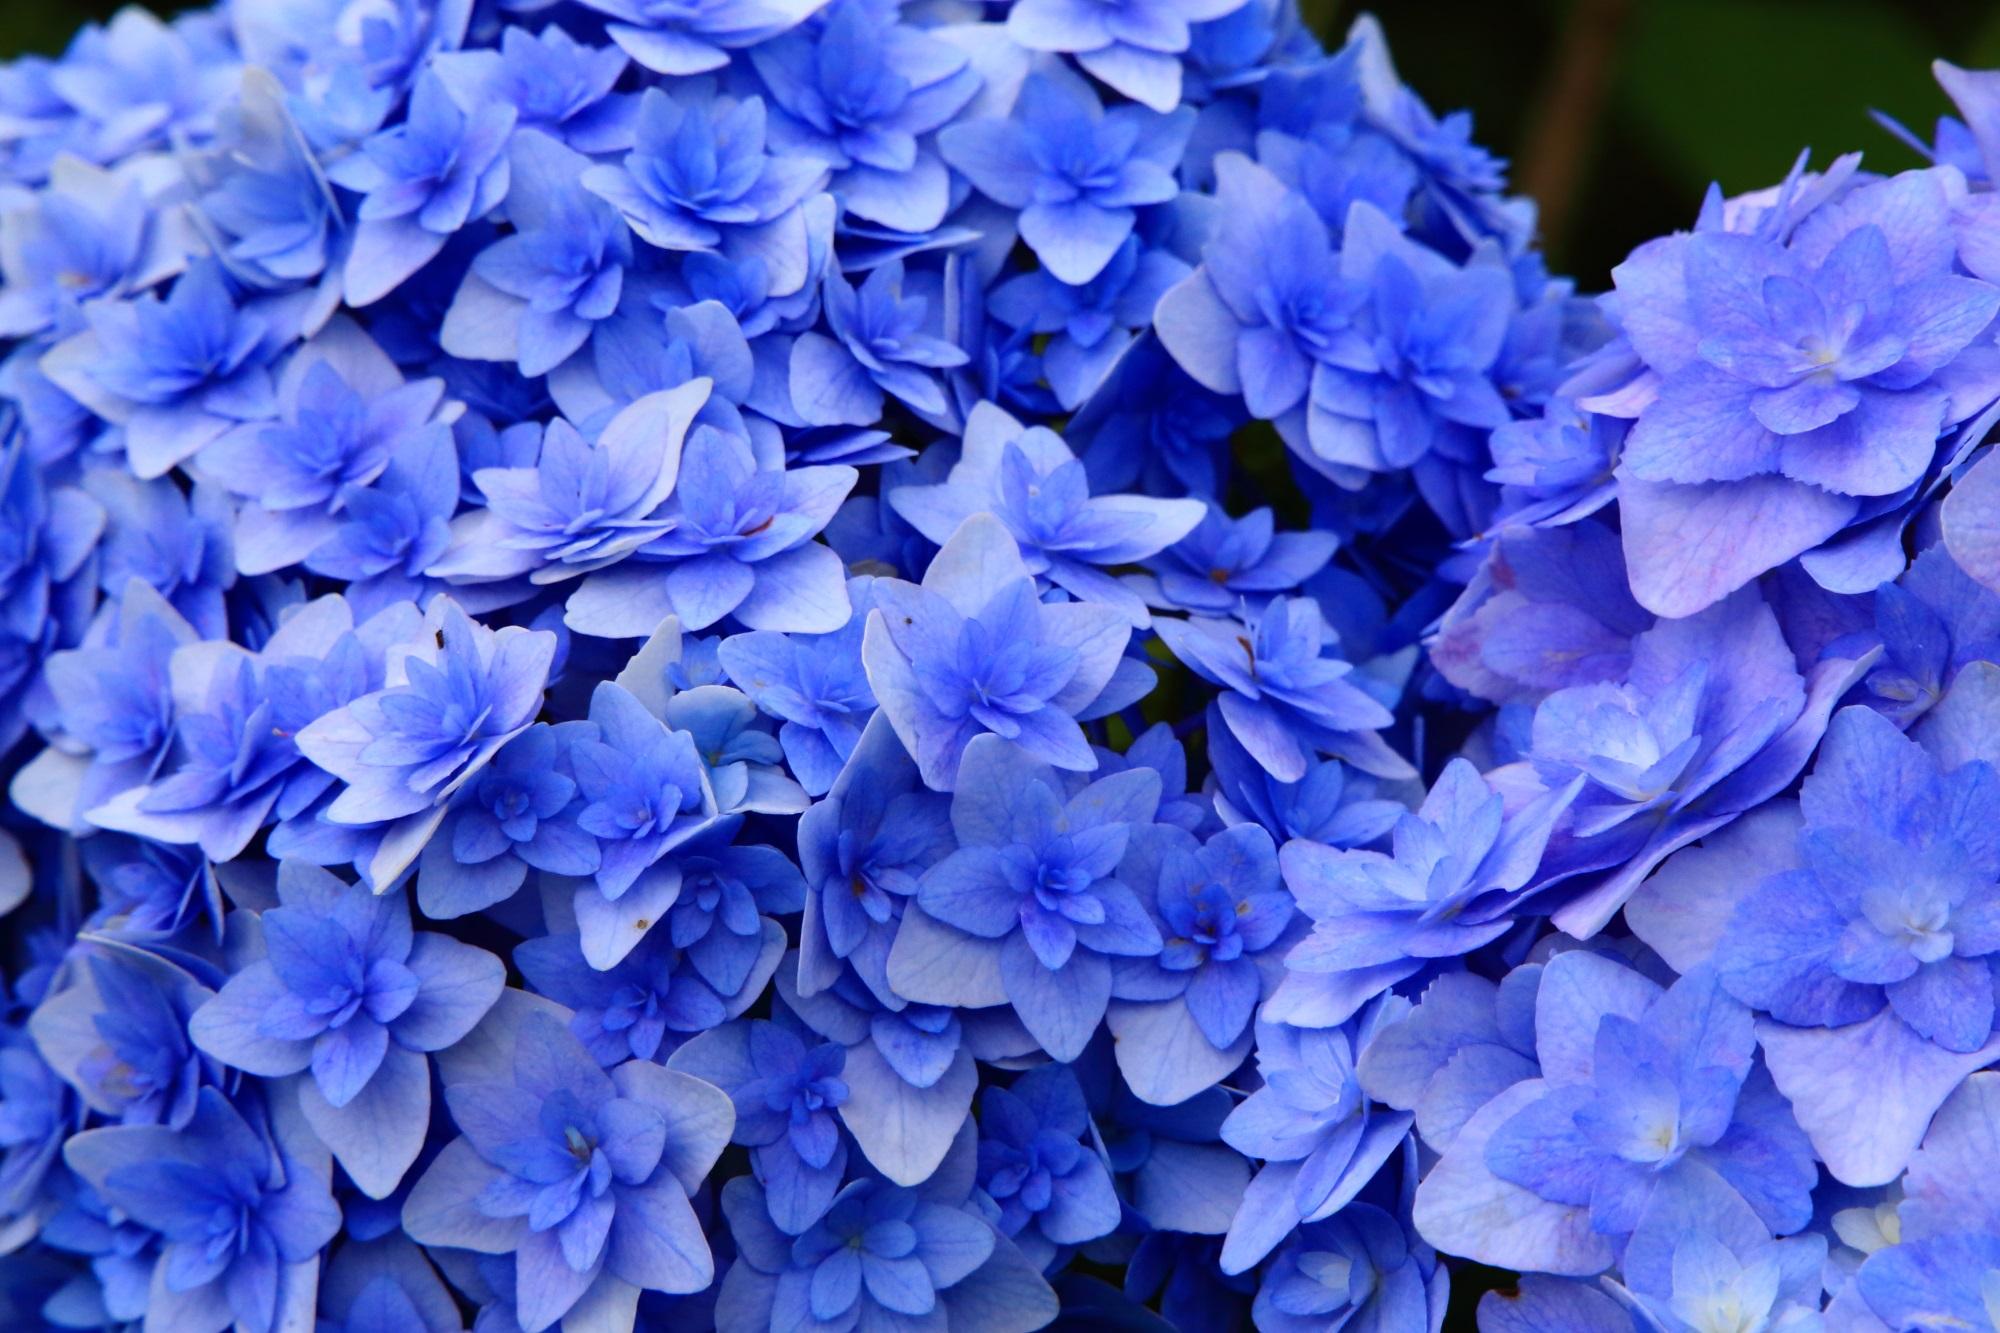 花びらが何重にもなっている不思議な花の紫陽花